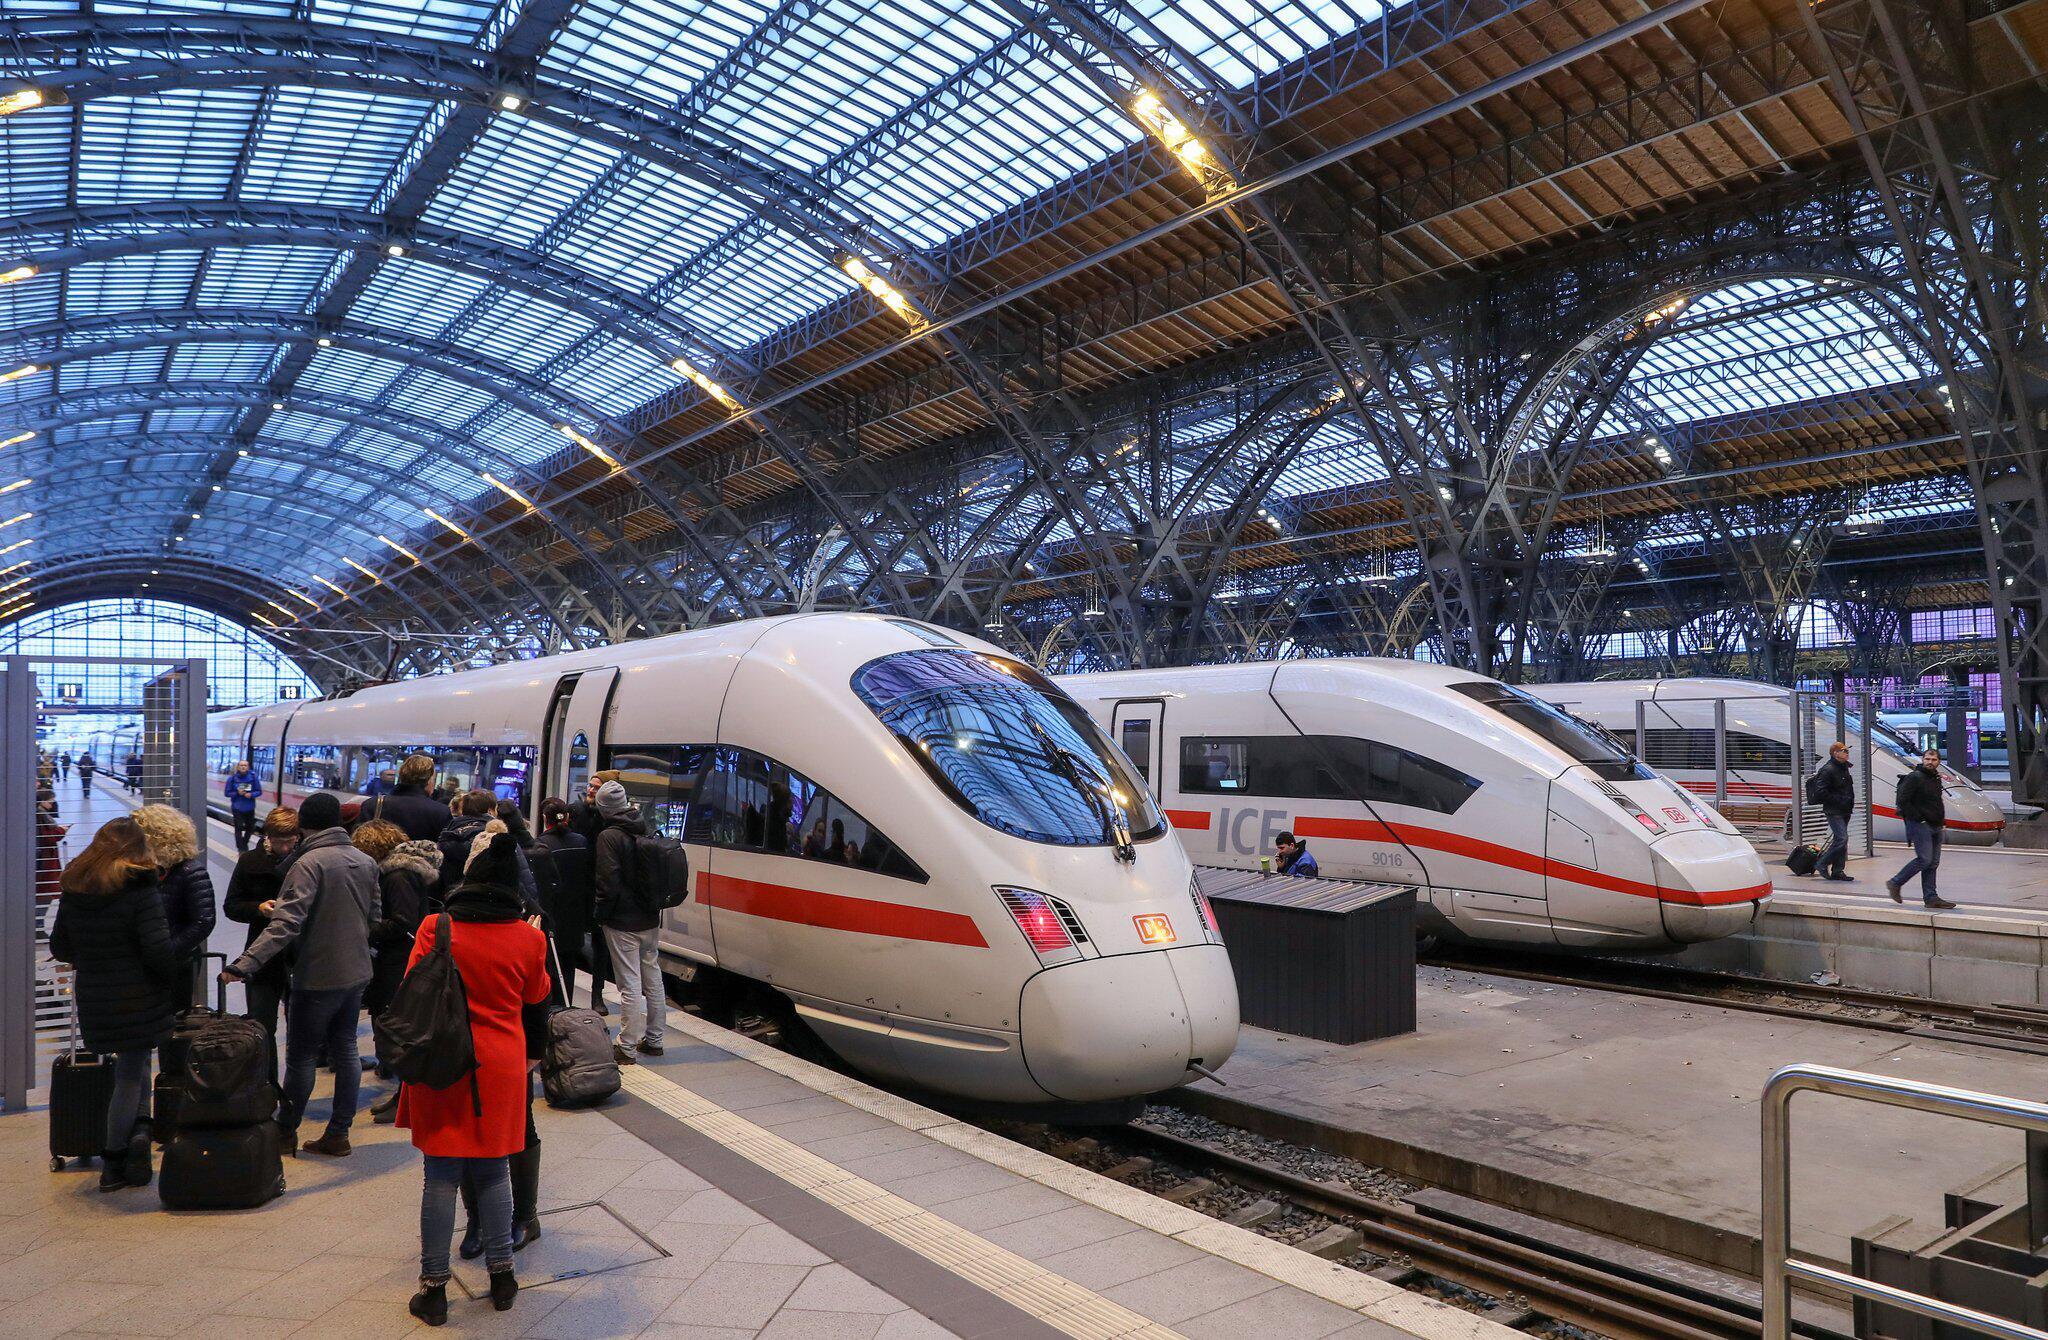 Bild zu Deutsche Bahn, DB, Hauptbahnhof, Bahnhof, Leipzig, ICE